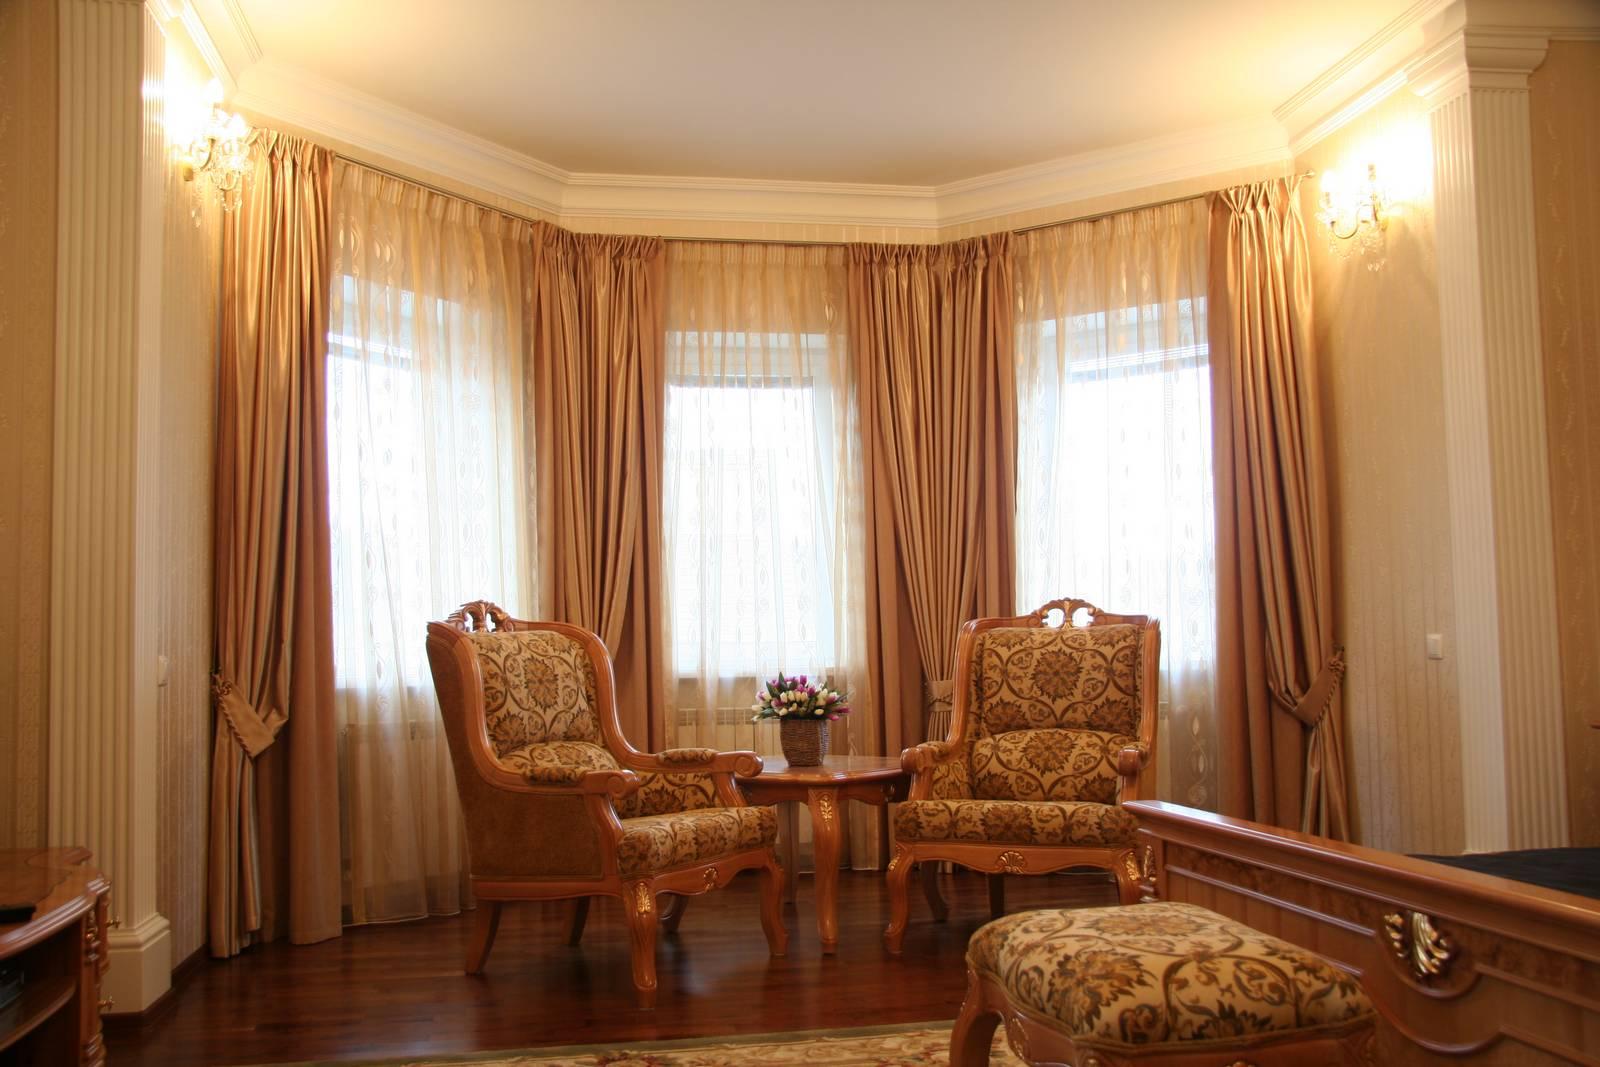 Портьеры в интерьере гостиной фото